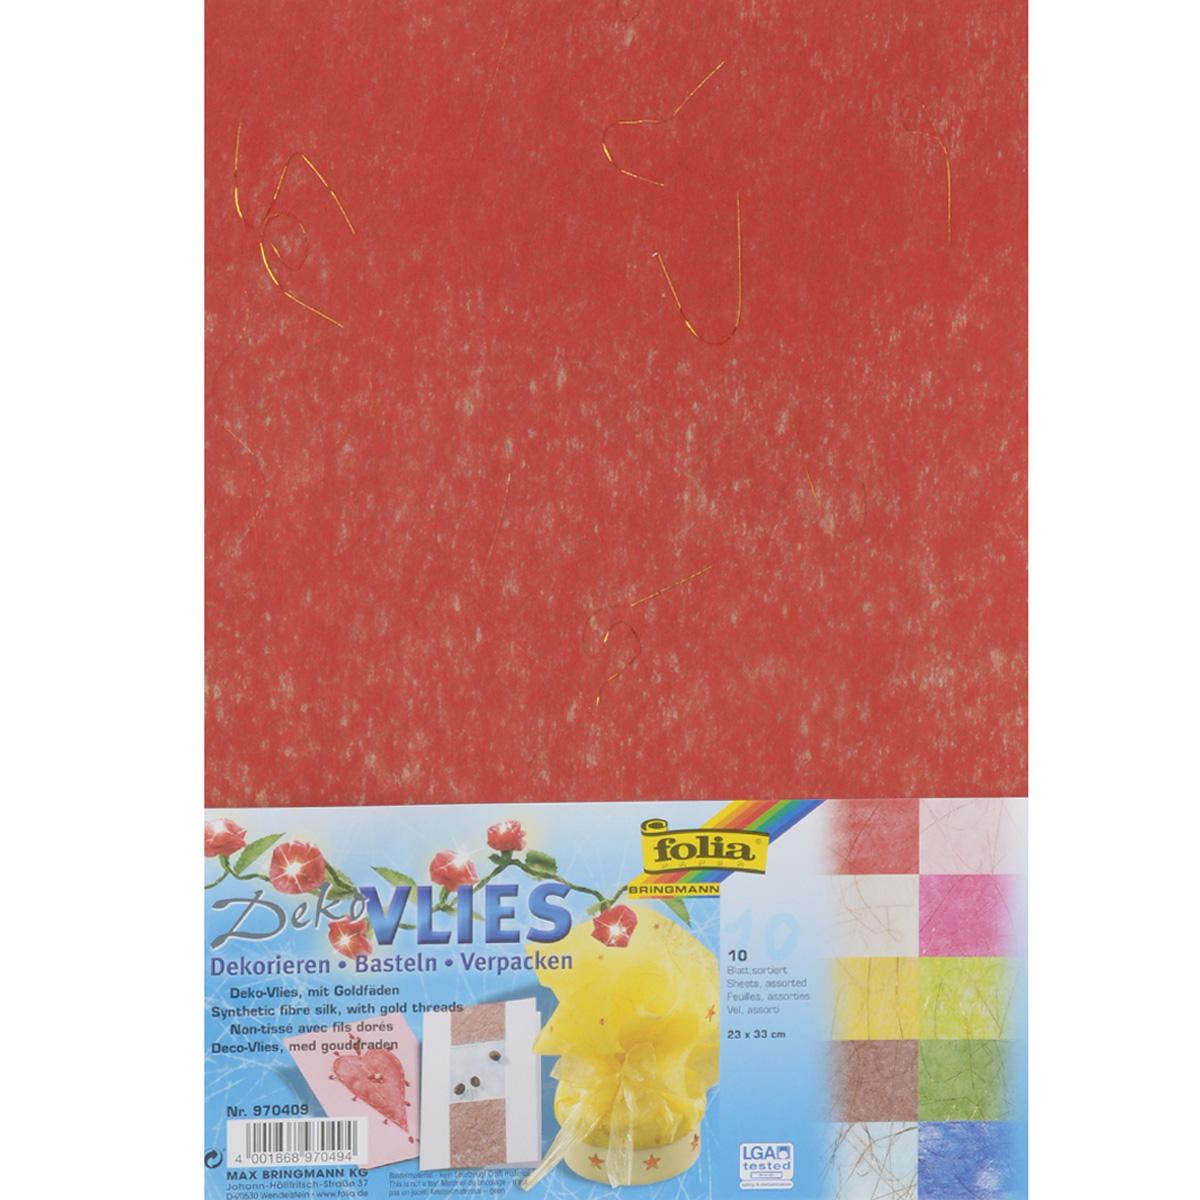 Бумага волокнистая Folia, с золотыми нитями, 23 х 33 см, 10 листов7708158Волокнистая дизайнерская бумага Folia с золотыми нитями идеальна для изготовления оригинальных визиток, папок, календарей, презентационной продукции. Также бумага прекрасно подойдет для оформления творческих работ в технике скрапбукинг. Ее можно использовать для украшения фотоальбомов, скрап-страничек, подарков, конвертов, фоторамок, открыток и многого другого. В наборе - 10 листов разных цветов. Скрапбукинг - это хобби, которое способно приносить массу приятных эмоций не только человеку, который этим занимается, но и его близким, друзьям, родным. Это невероятно увлекательное занятие, которое поможет вам сохранить наиболее памятные и яркие моменты вашей жизни, а также интересно оформить интерьер дома. Размер листа: 23 см х 33 см.